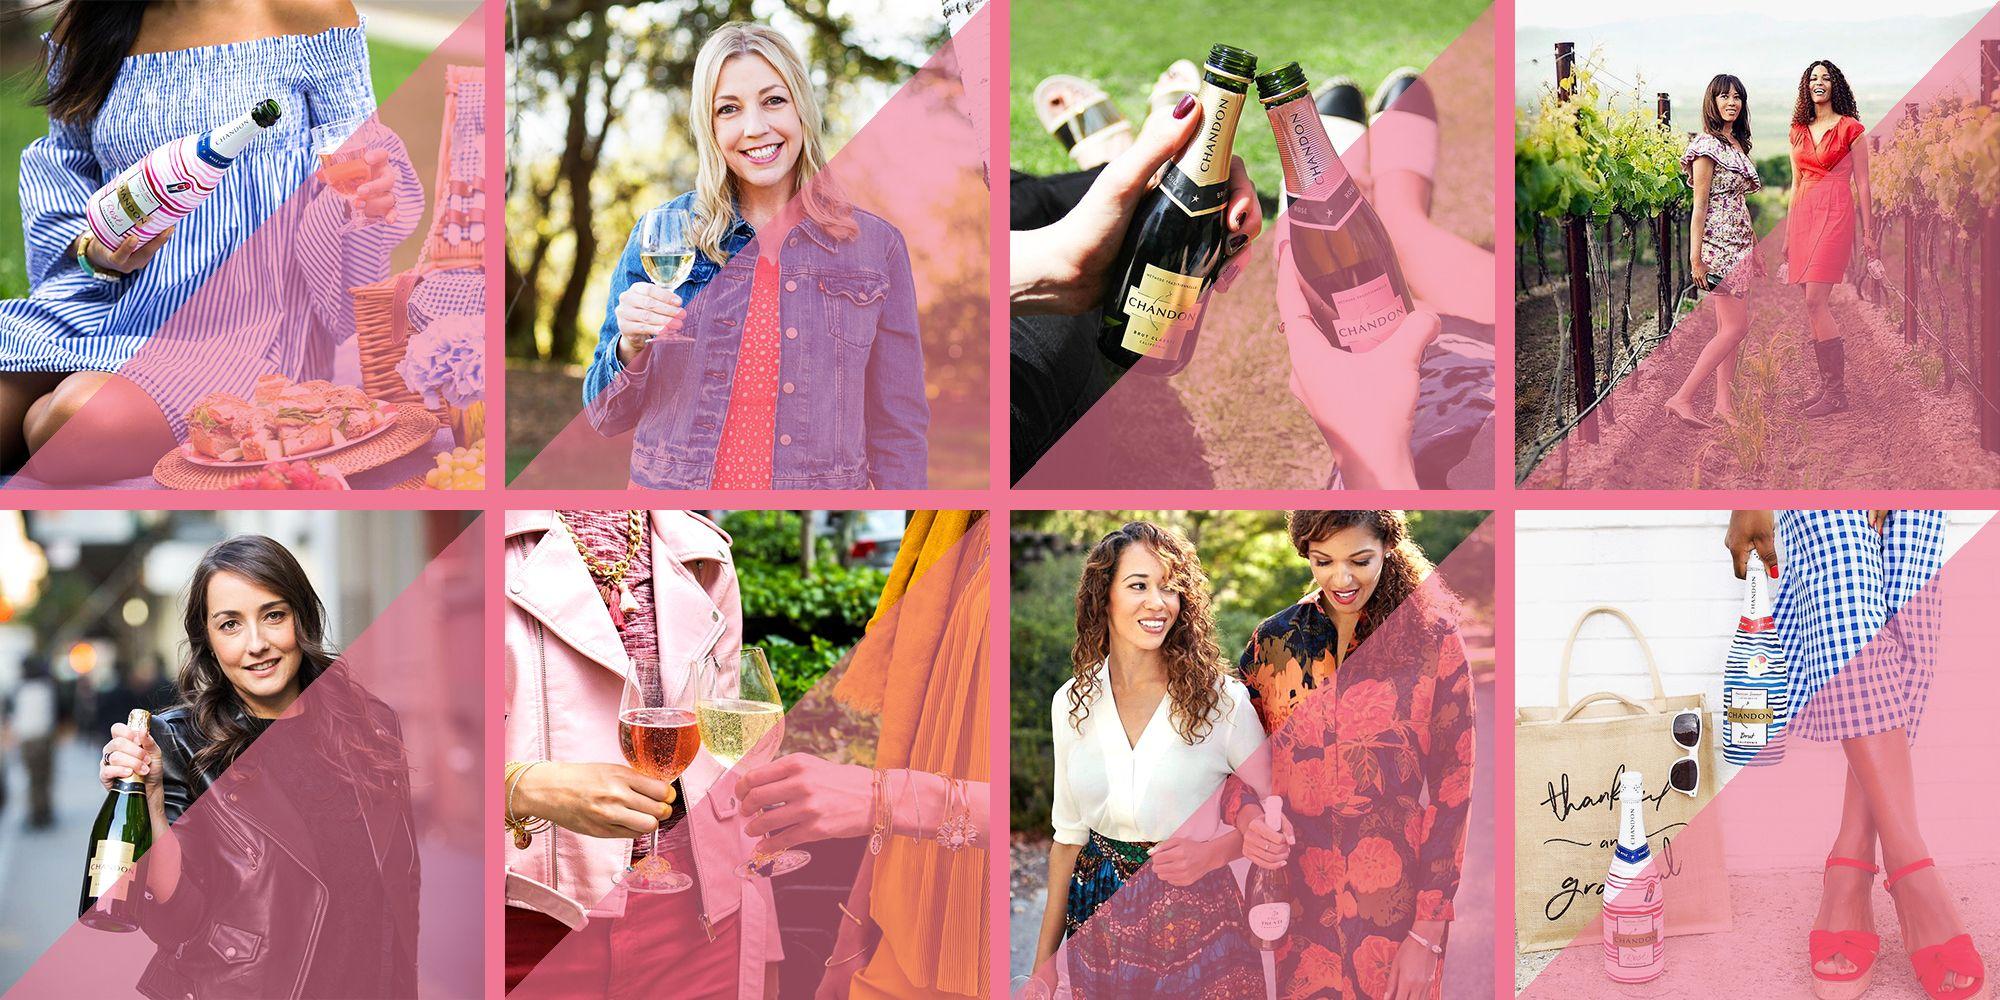 wines by women